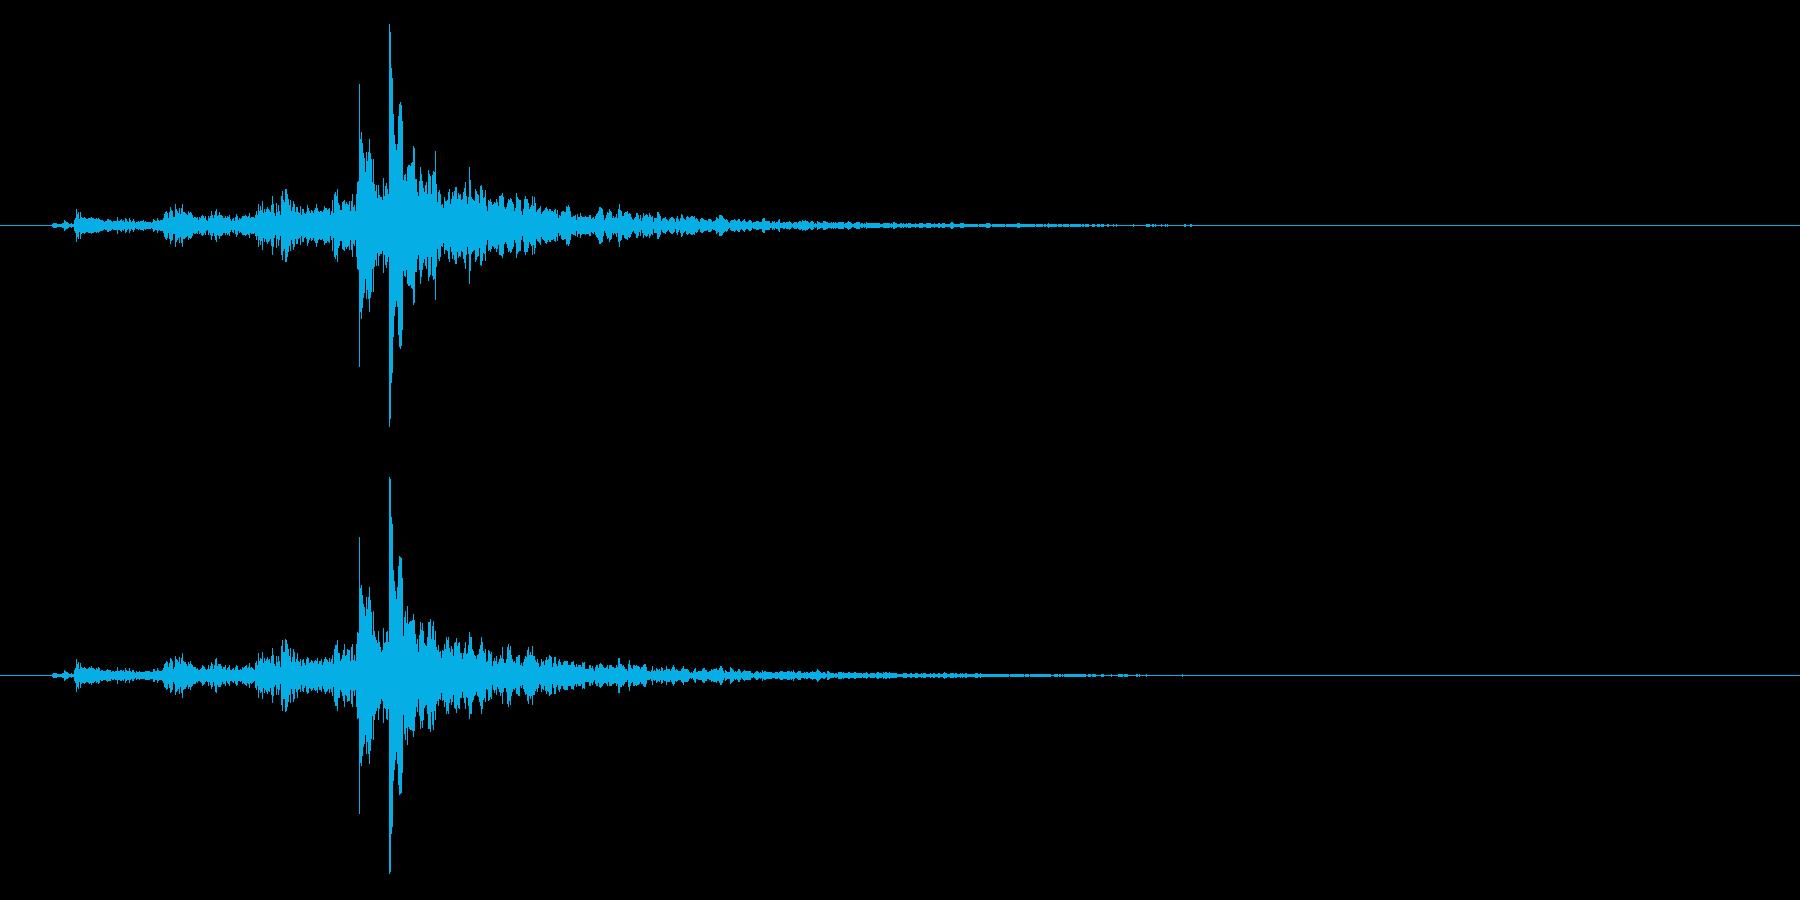 神楽鈴01-8の再生済みの波形